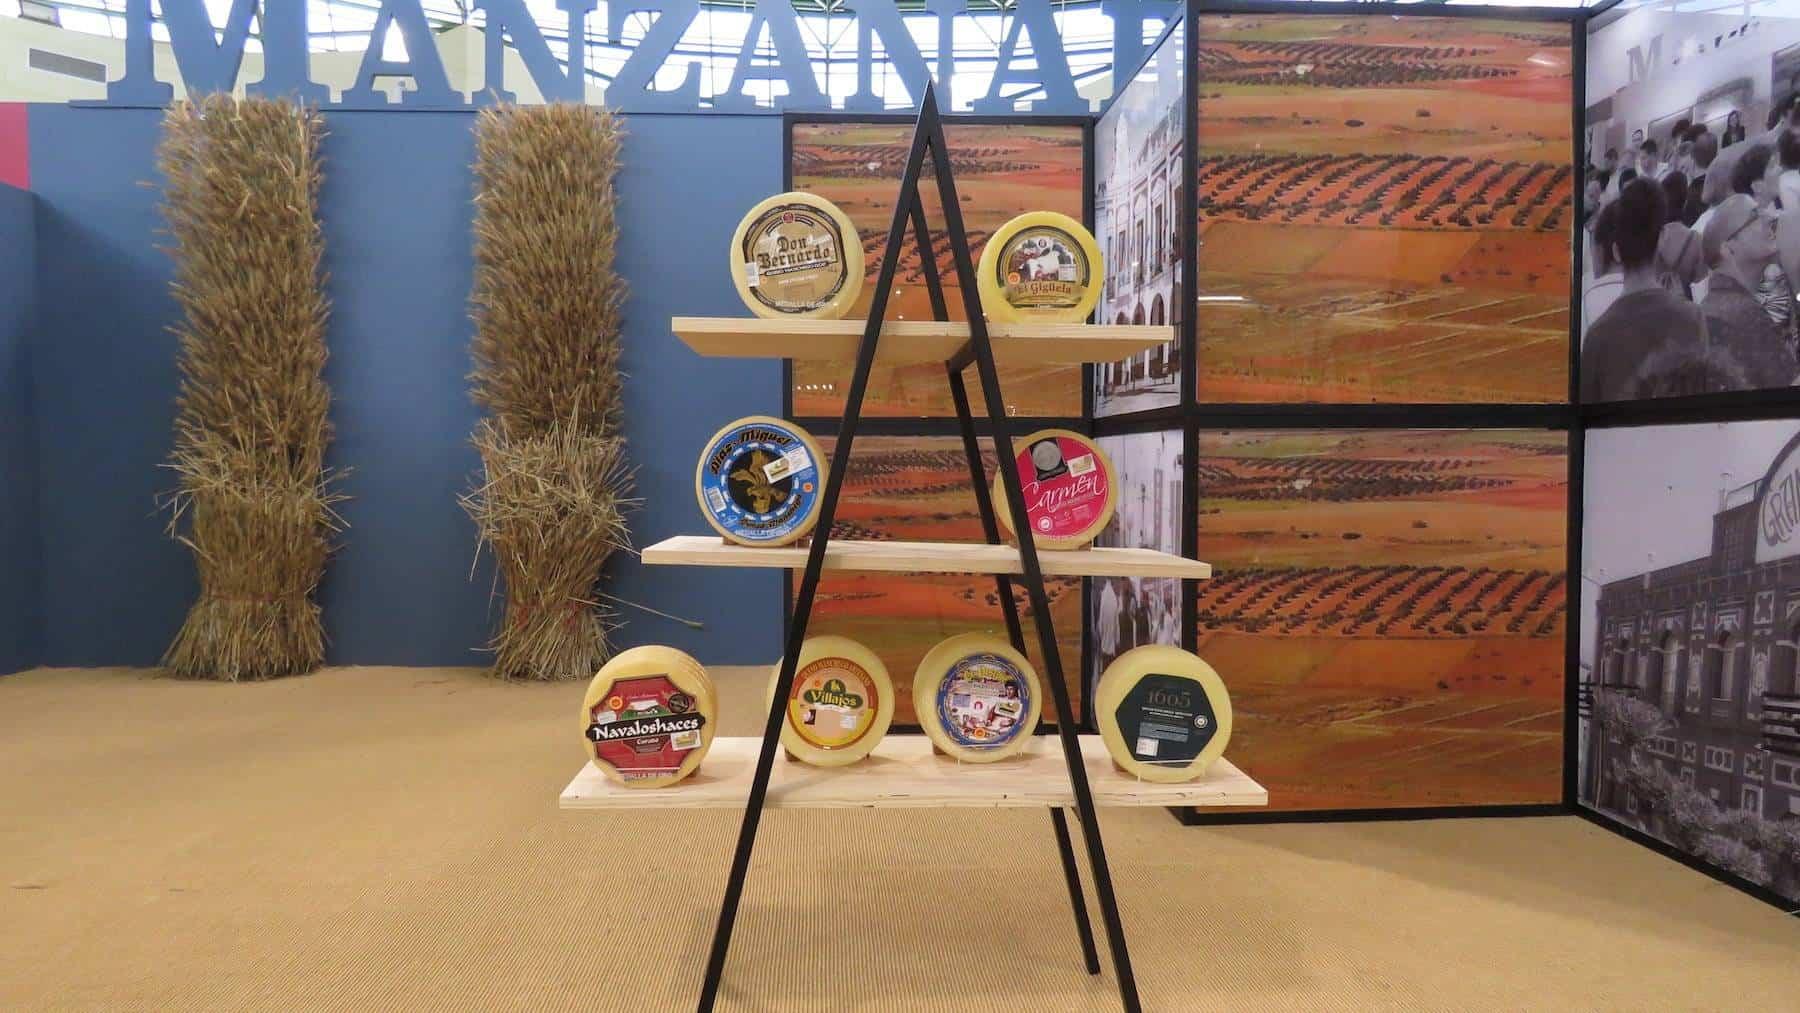 quesos manchegos premiados fercam manzanares - Los quesos manchegos herencianos premiados en Fercam, los mejores entre los mejores